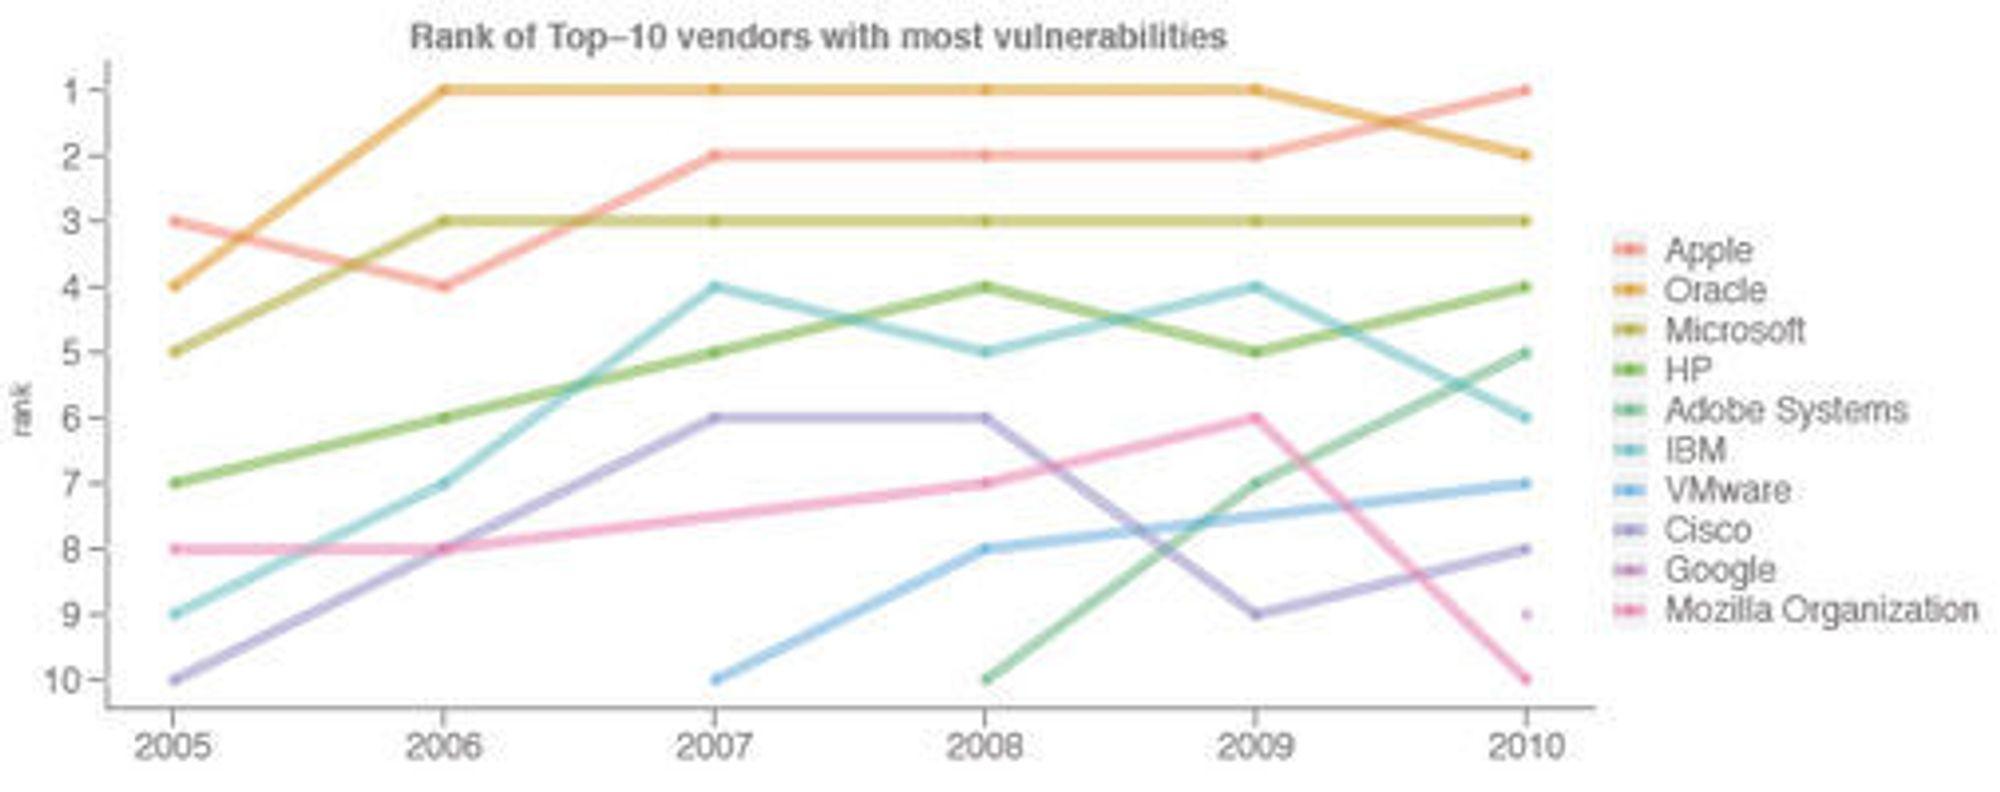 Programvareleverandørene med flest kjente sårbarheter mellom 2005 og 2010. Tallene for Oracle inkluderer også Sun og BEA.